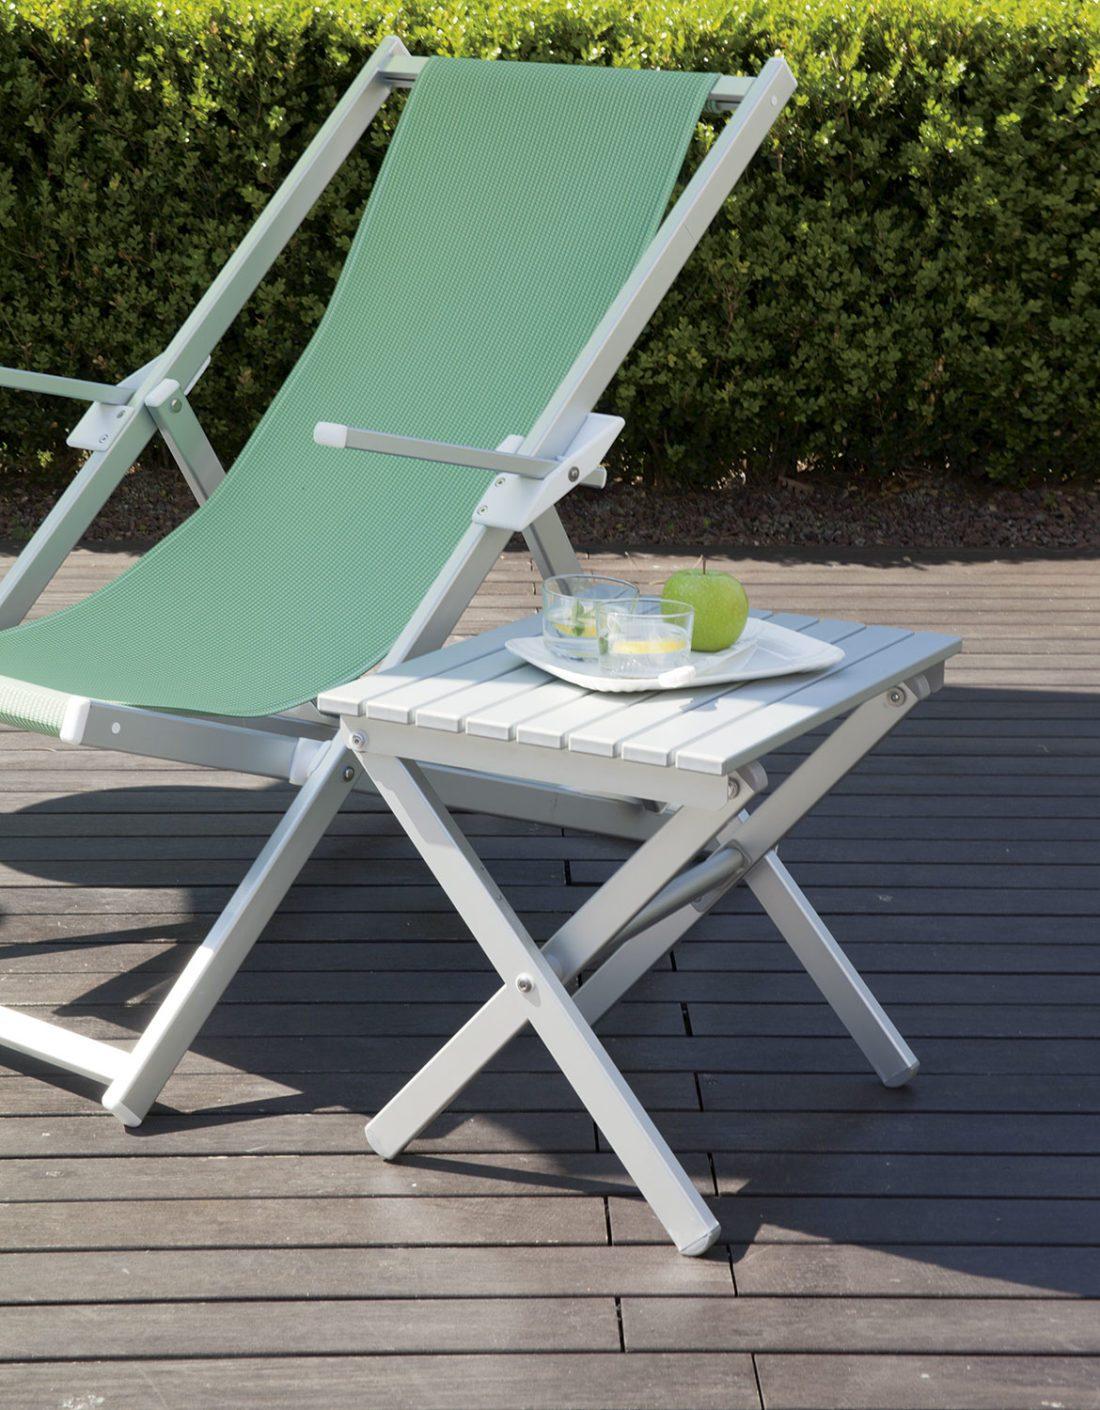 Tavolino pieghevole - Tessitura Selva - arredi e attrezzatura da spiaggia e giardini